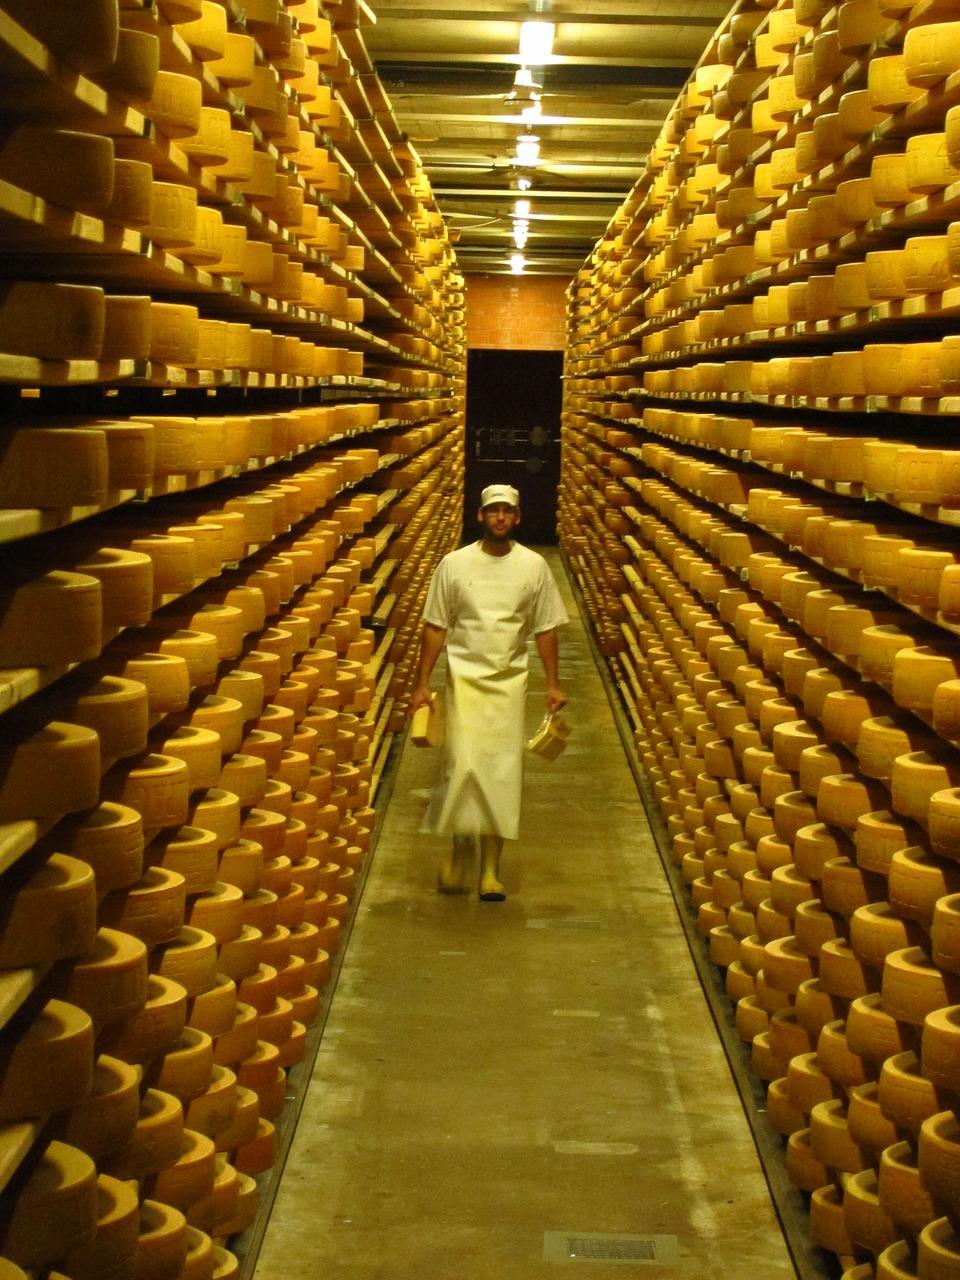 Fabrika sira - slika skinuta sa interneta